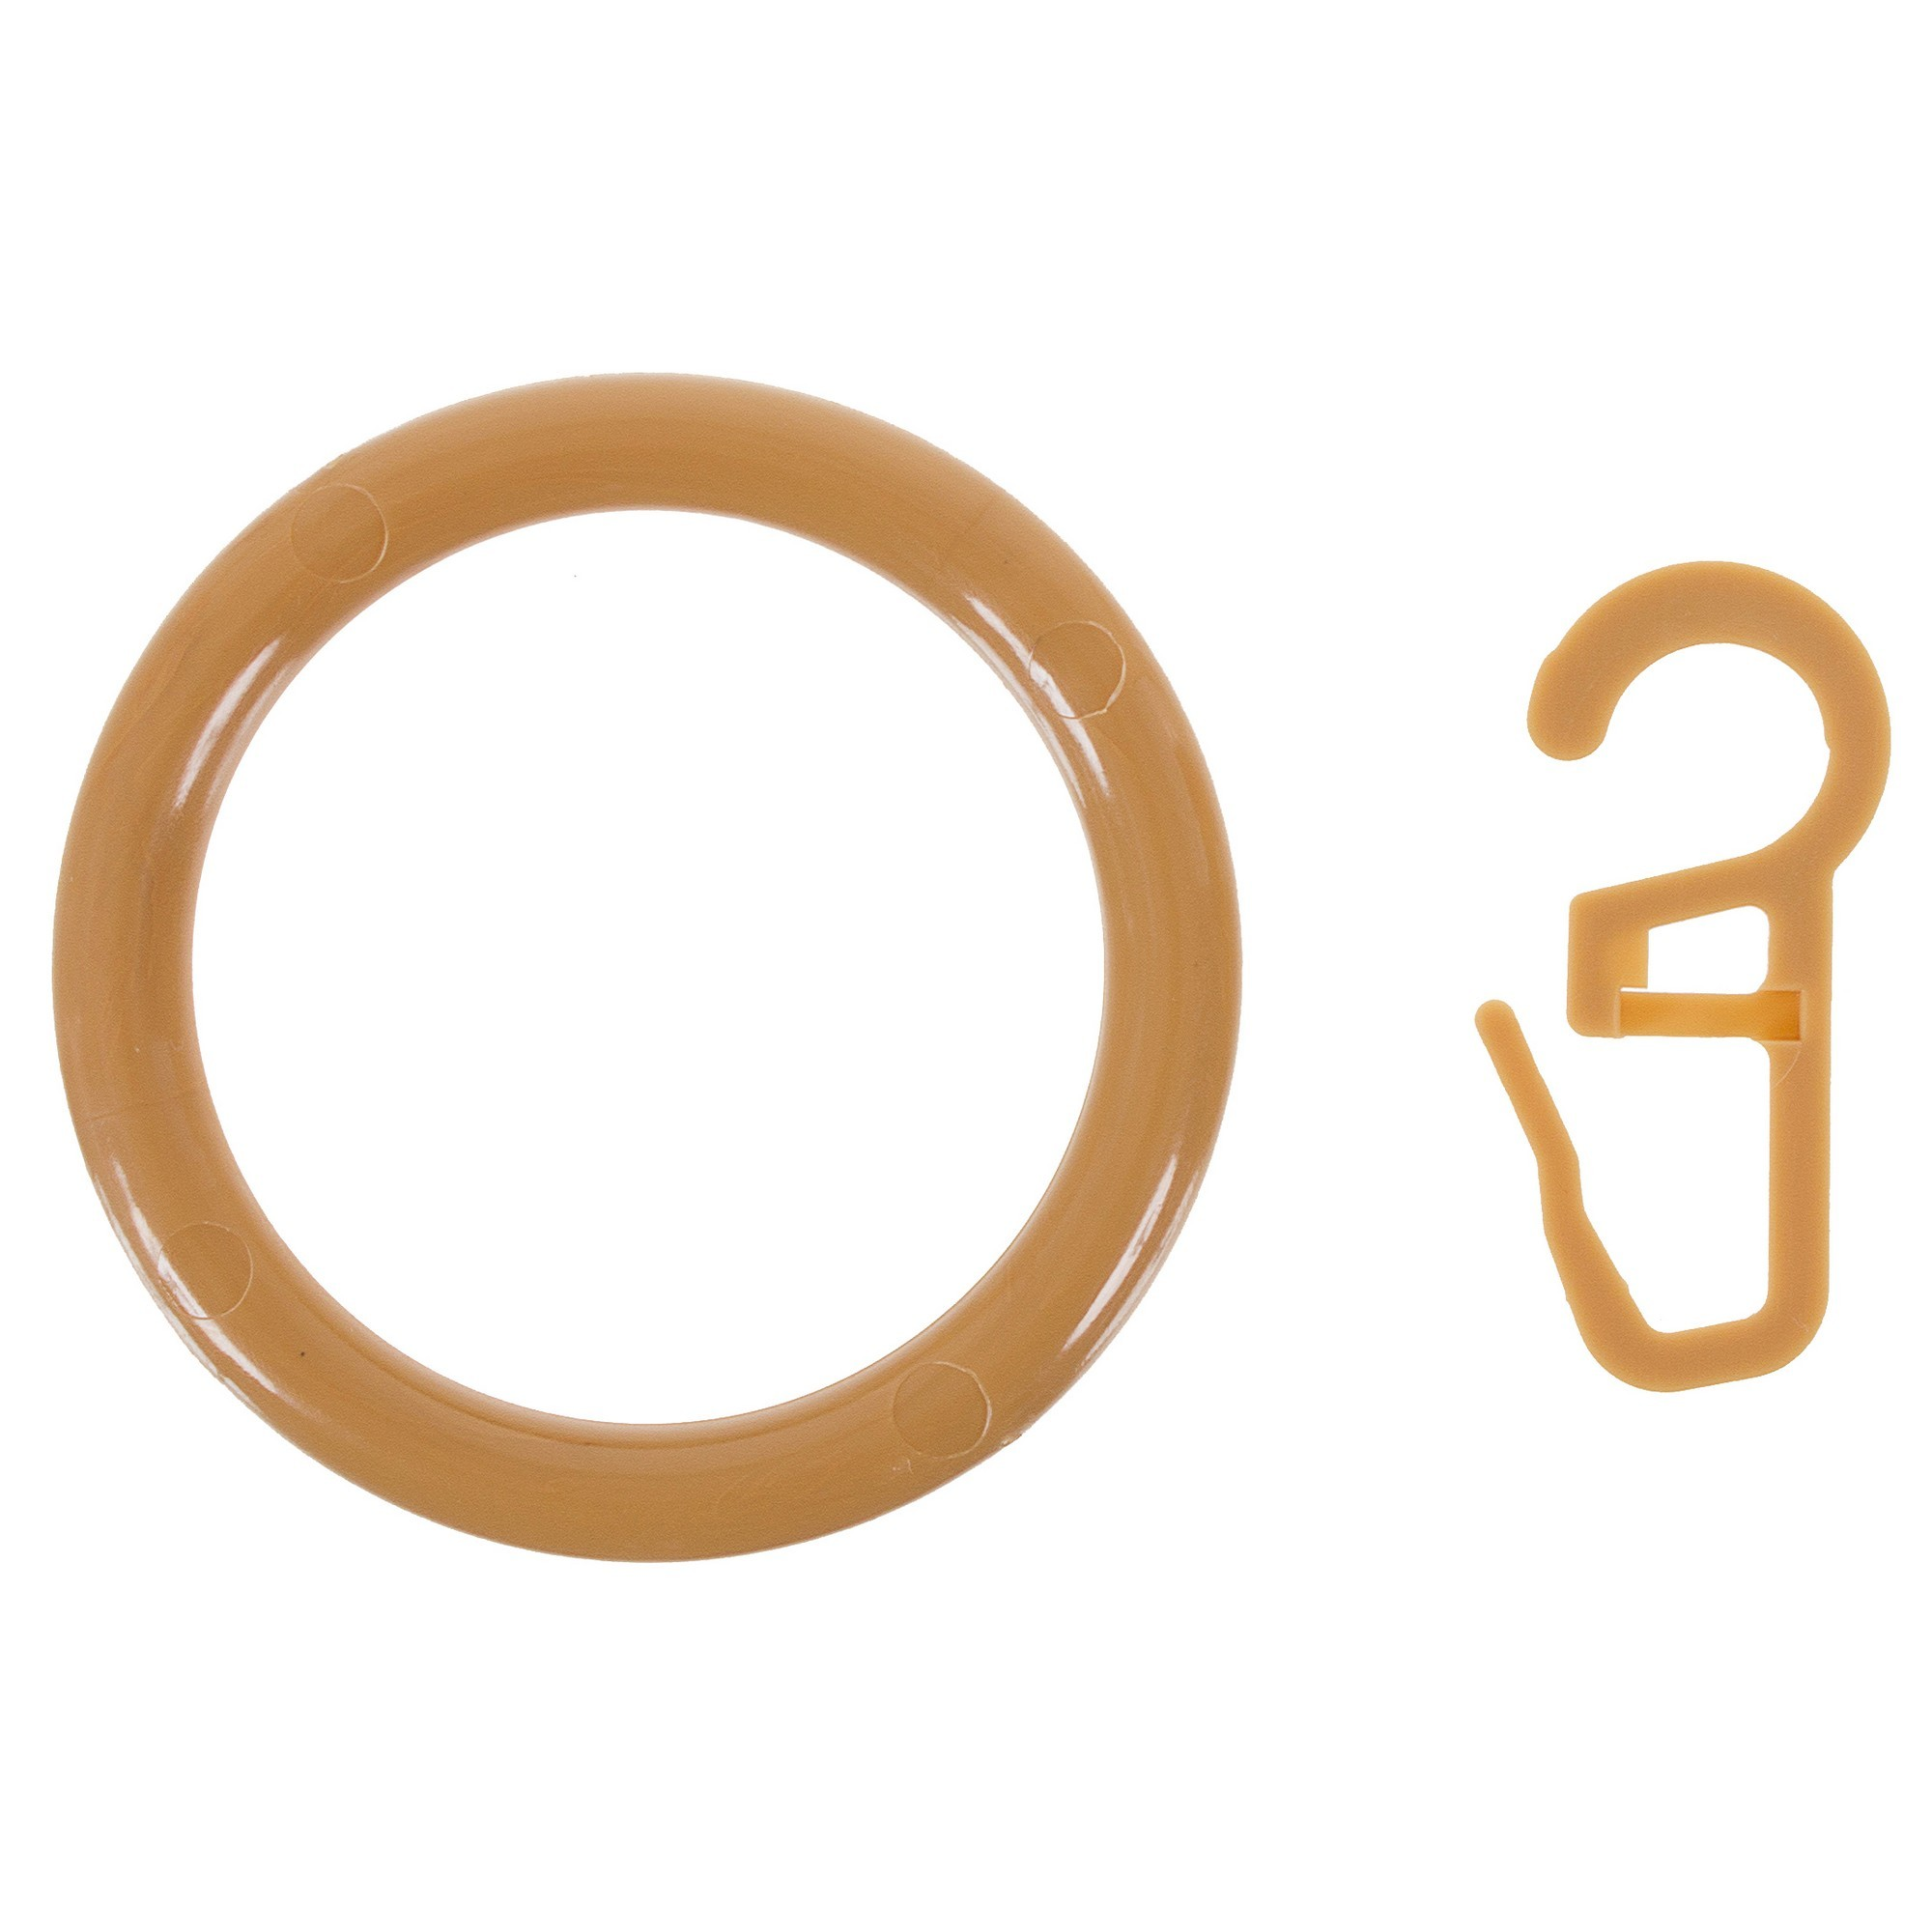 Кольцо пластик цвет светлый дуб с крючоком 4 шт.